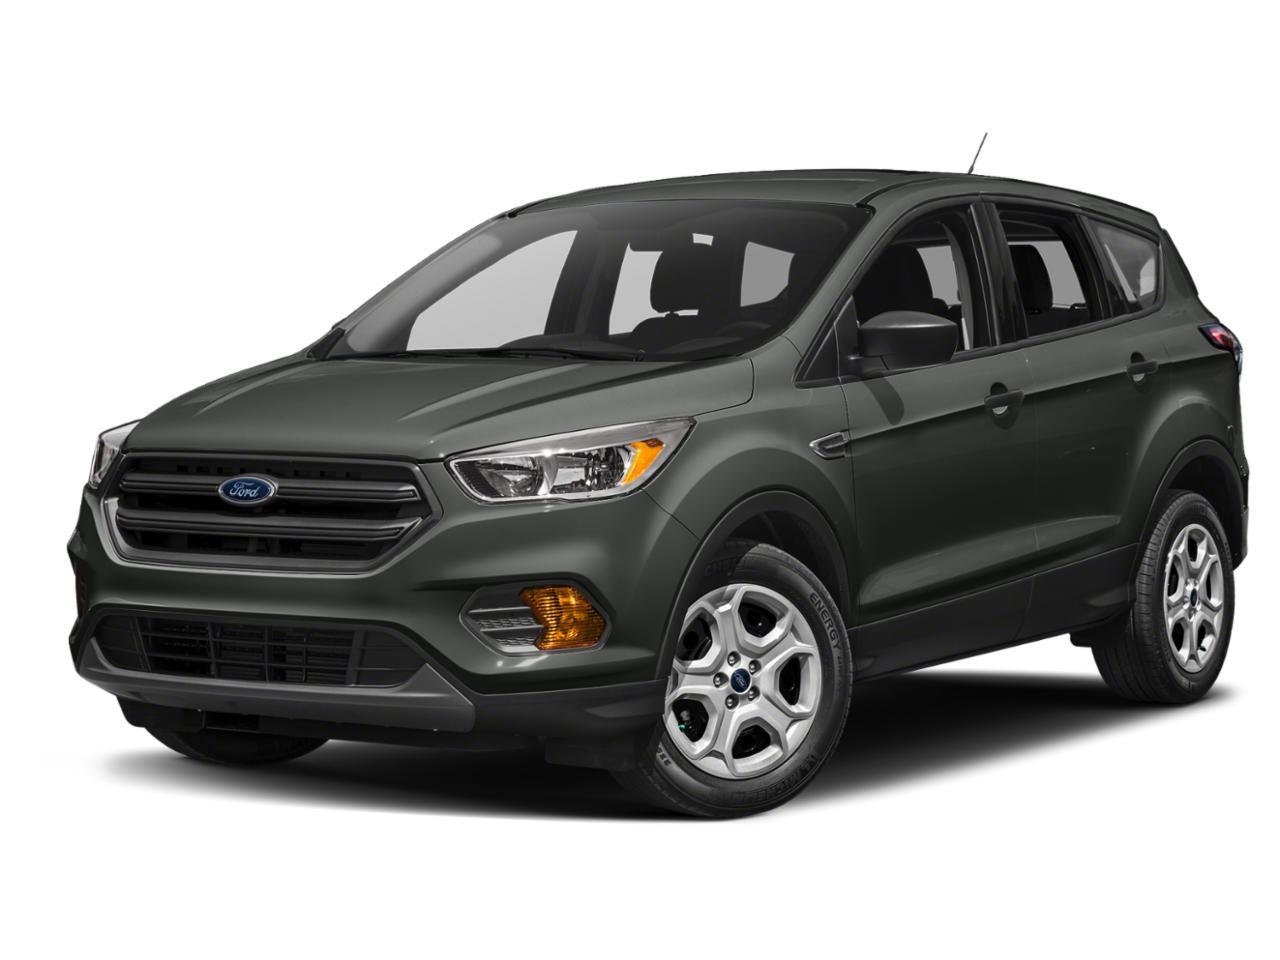 2019 Ford Escape Vehicle Photo in Spokane, WA 99207